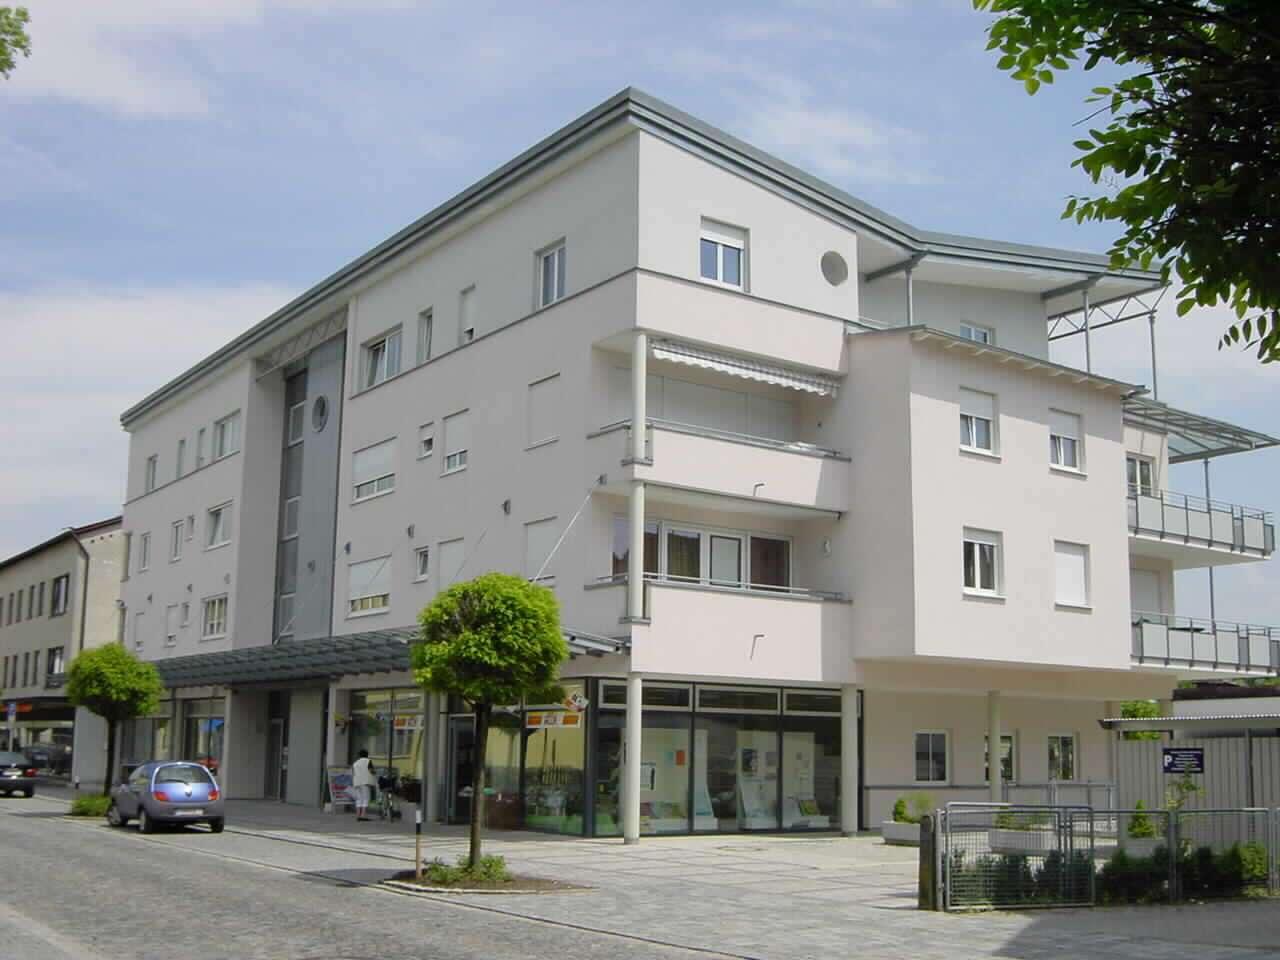 Sehr schöne - 3-Zimmer Dachterrassen-Wohnung / zentrale Lage in Simbach am Inn